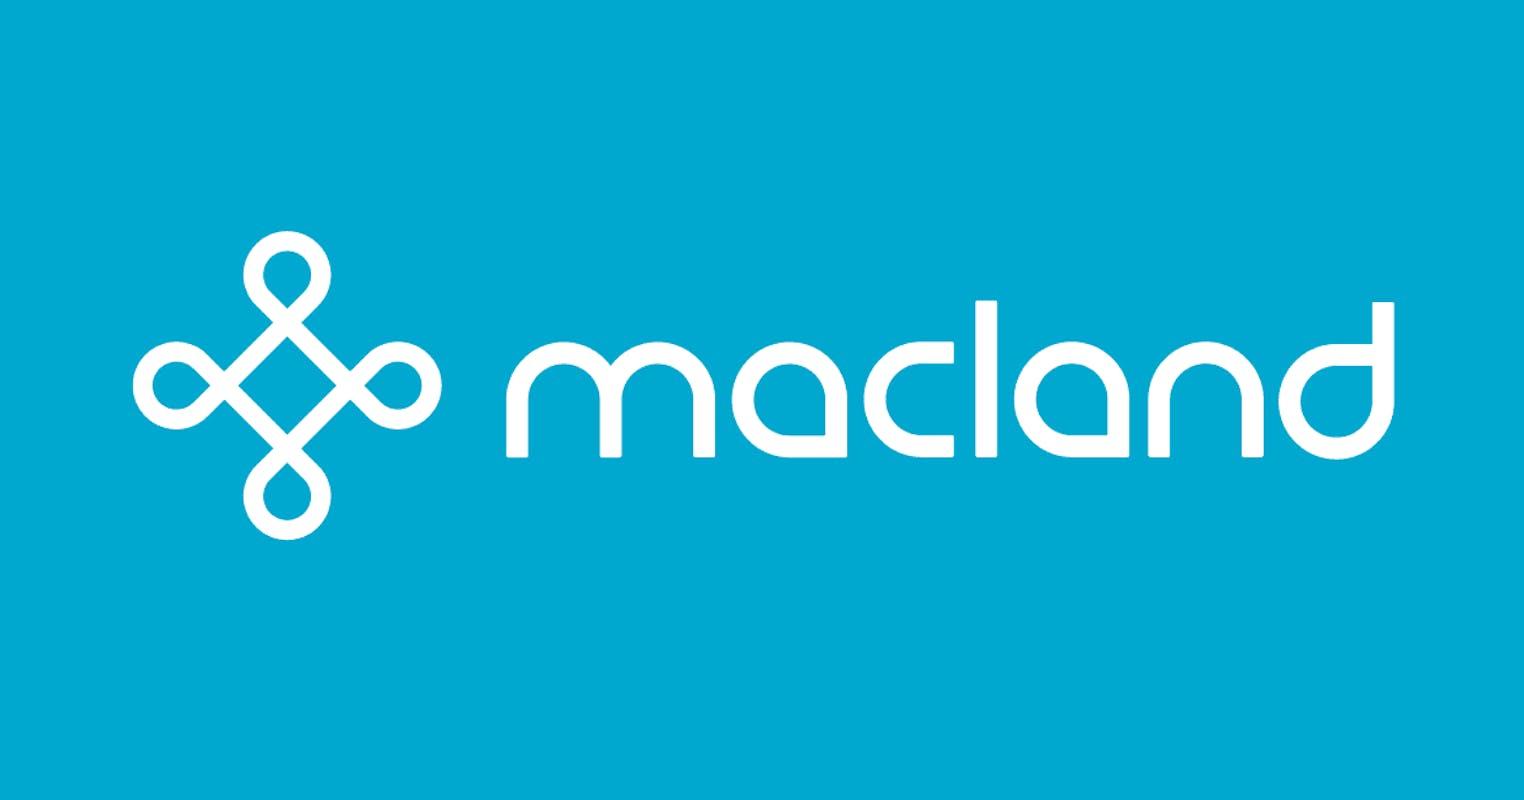 Macland verkstæði